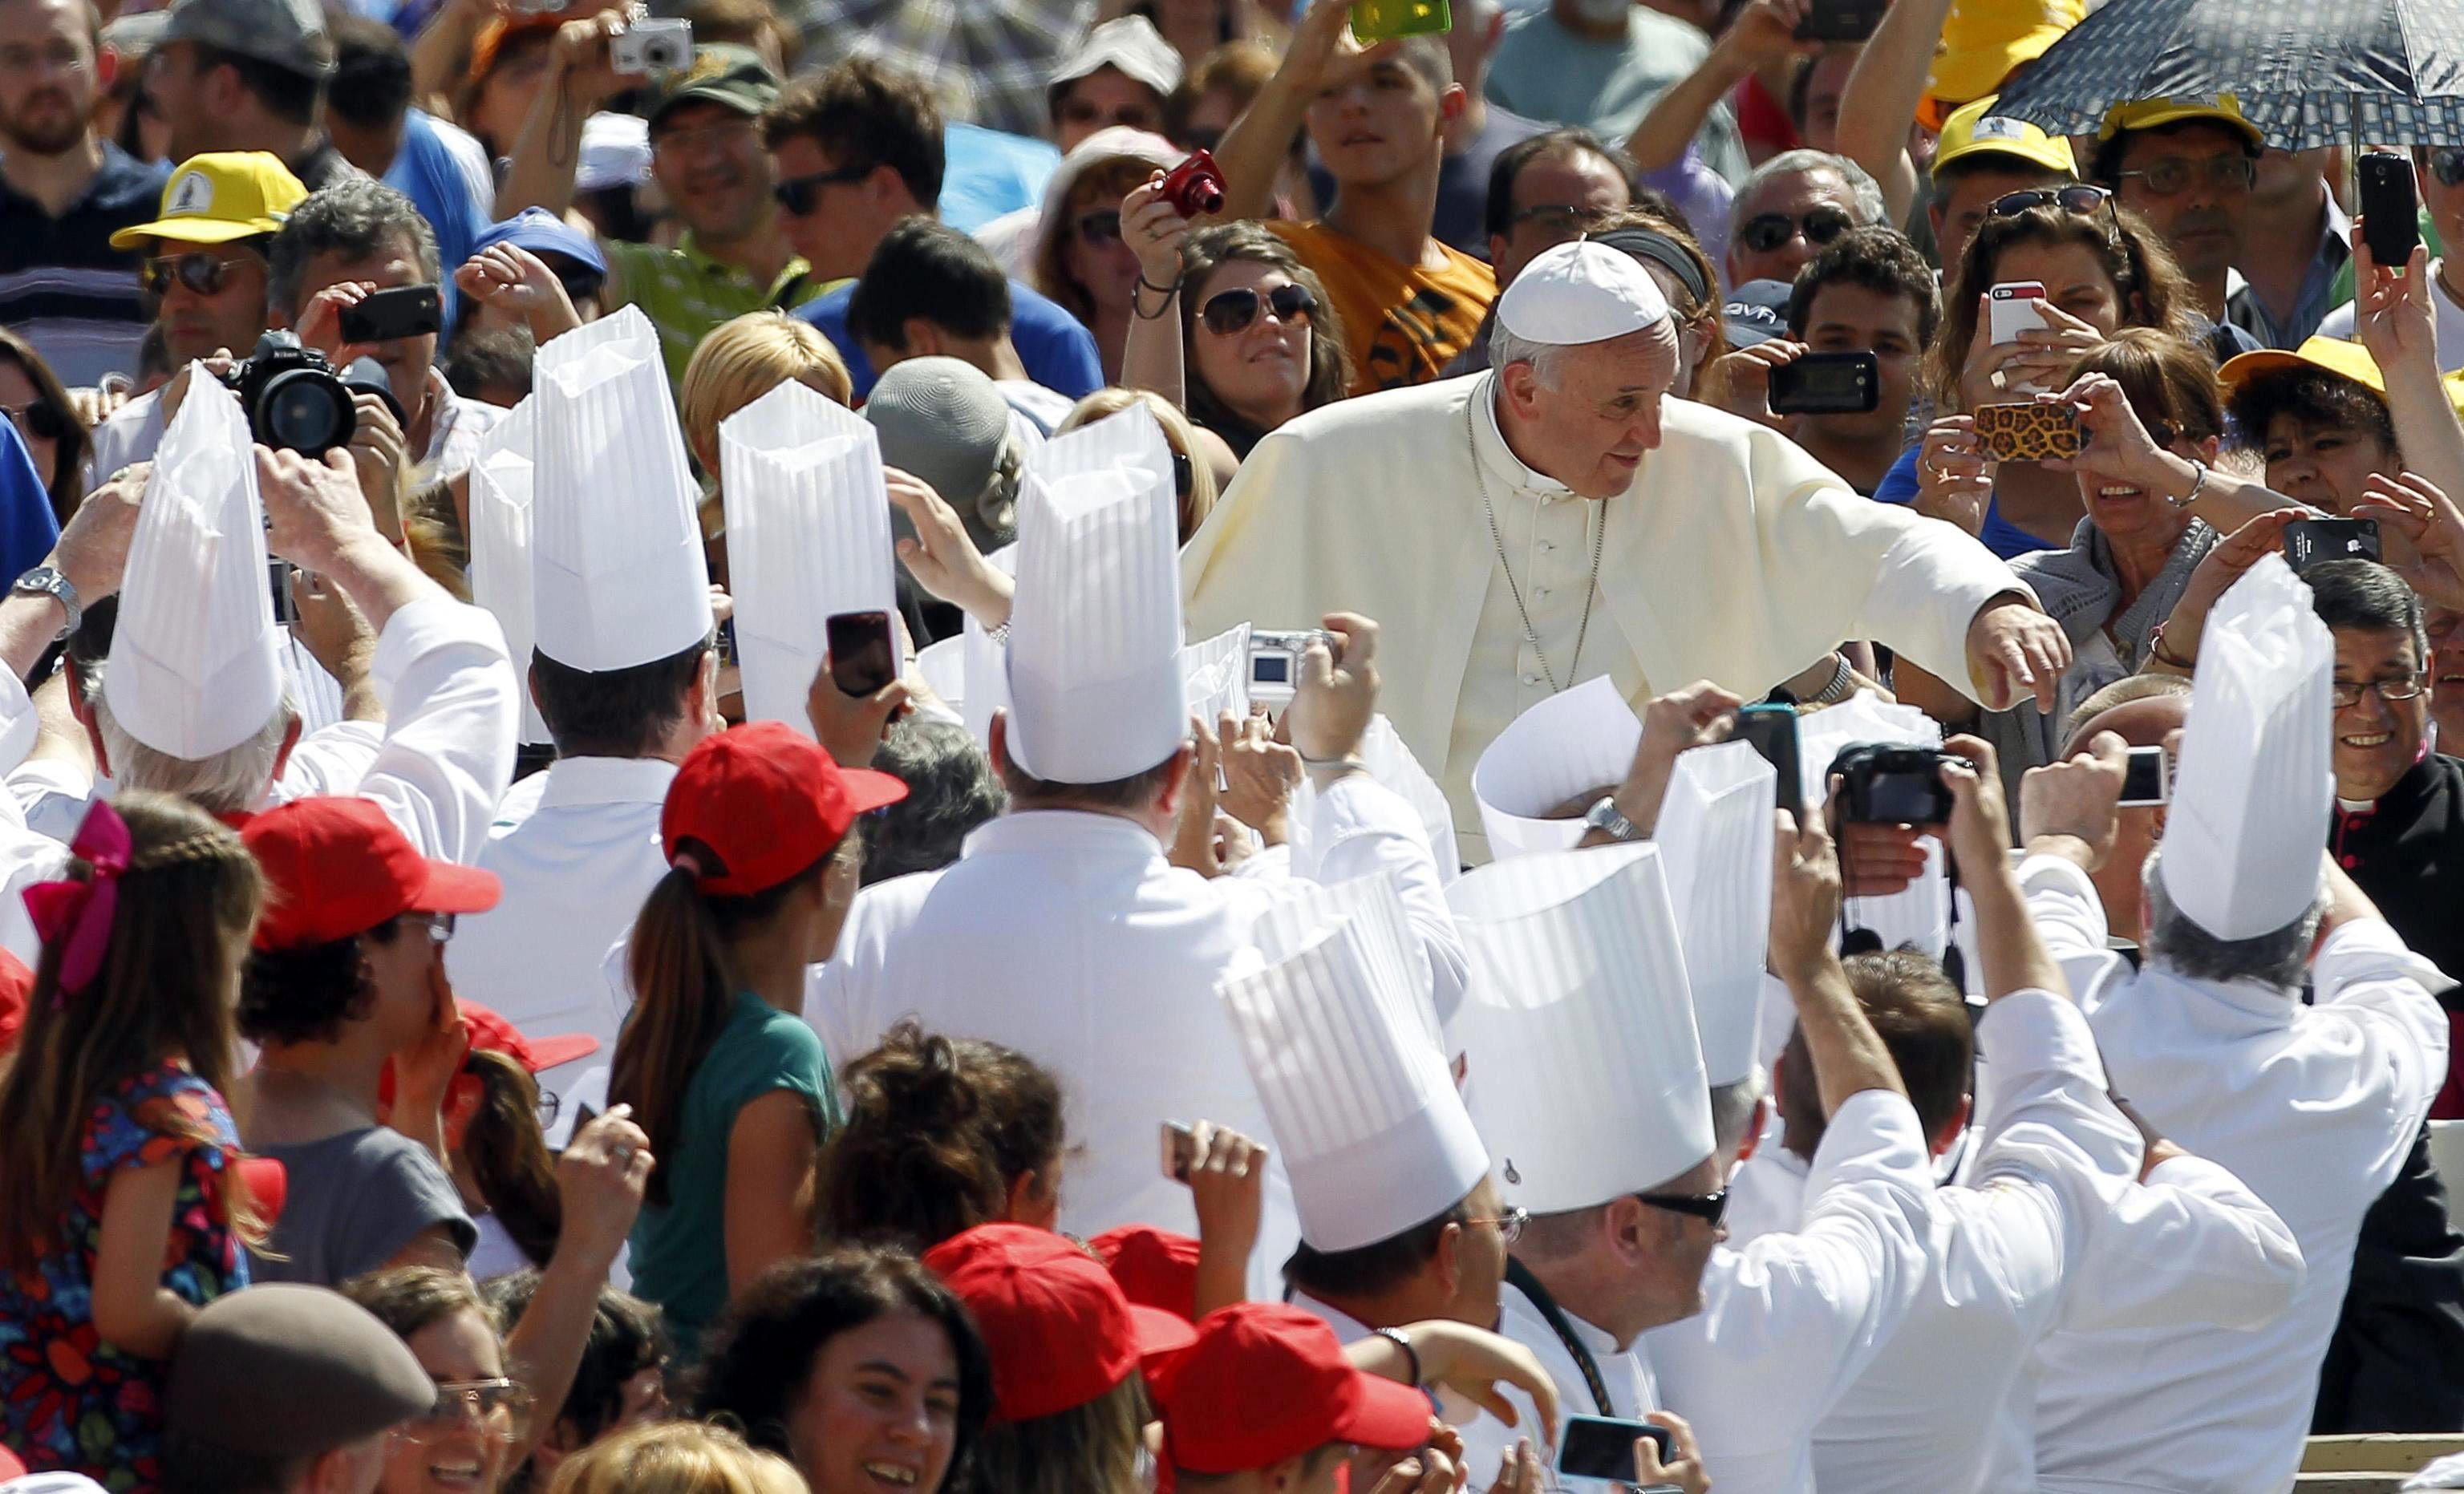 El Papa viajará a Lampedusa el 8 julio para reunirse con inmigrantes